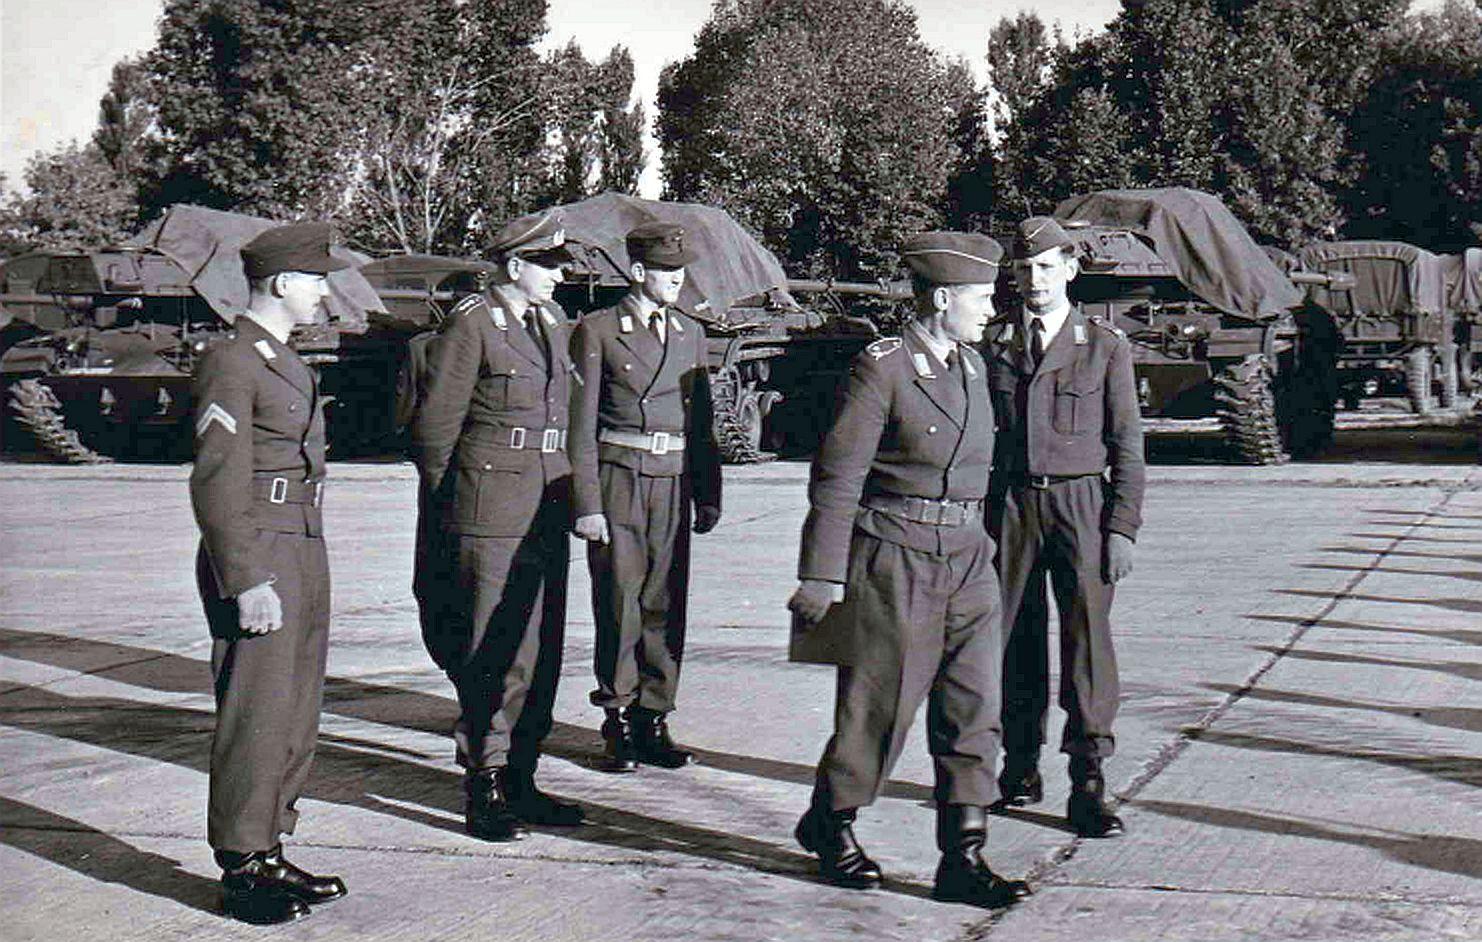 03.10.1958 Rekutenbesichtigung_von links_StUffz Kryßat, Hptm Brecht, Uffz Müller, Mj Möws, Lt Brüggeman